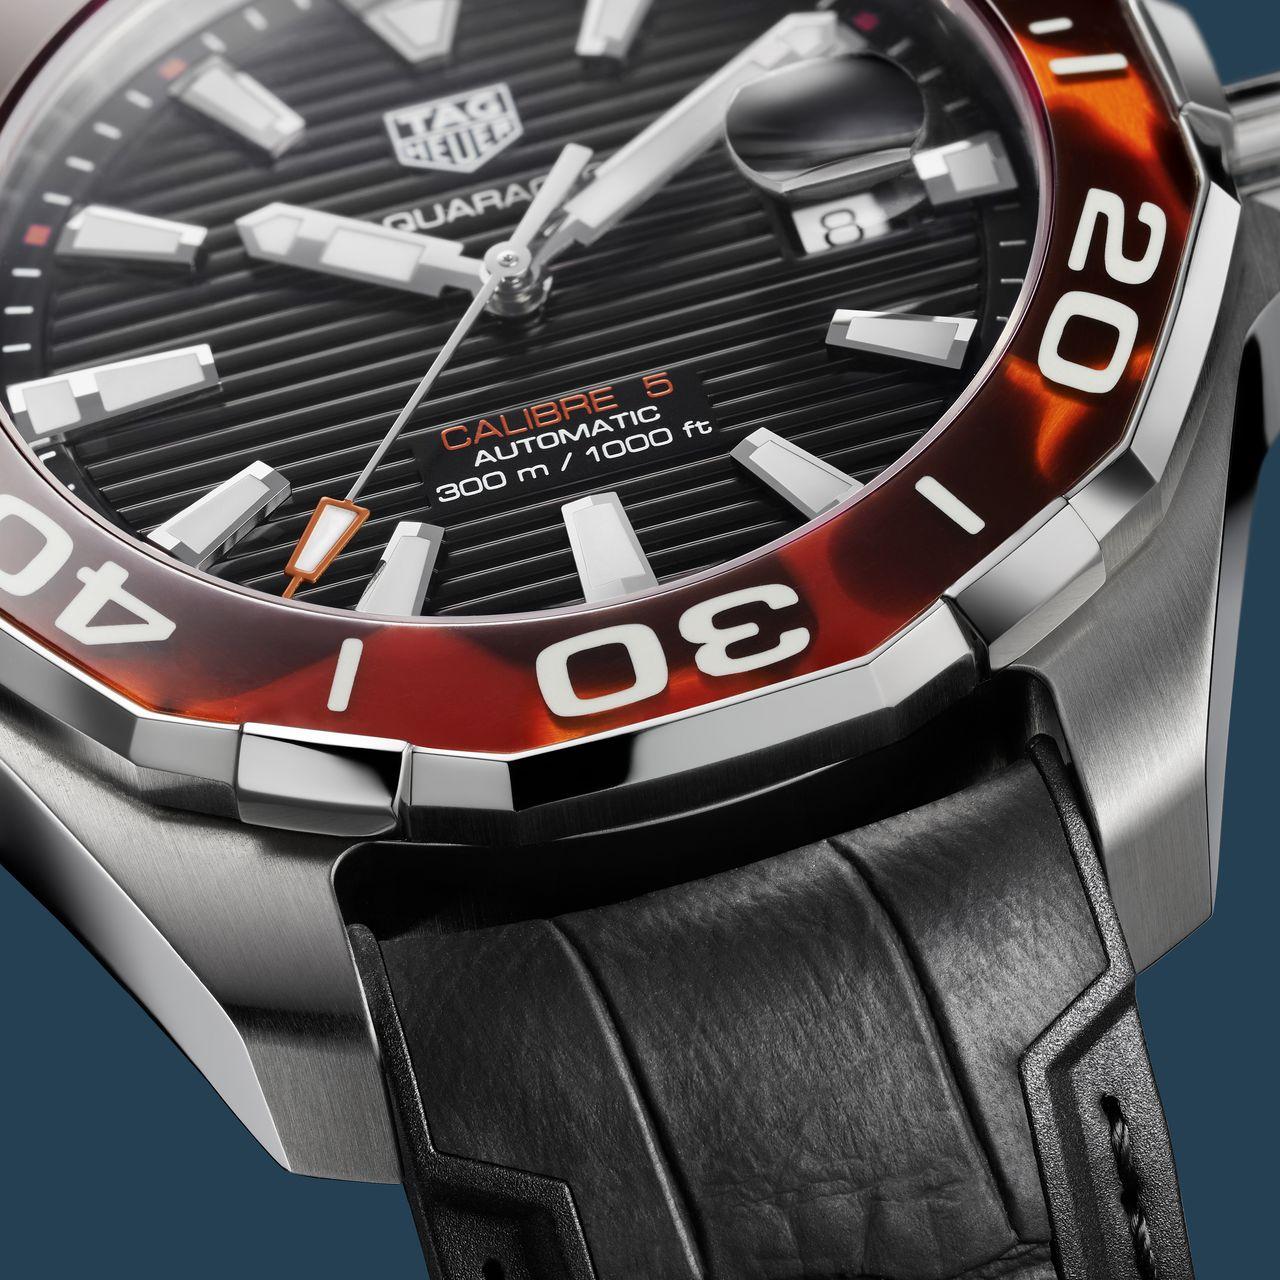 TAG Heuer Aquaracer 43 mm Tortoise Shell Effect Calibre 5 Automatic - fekete számlappal, barna lünettával is készül